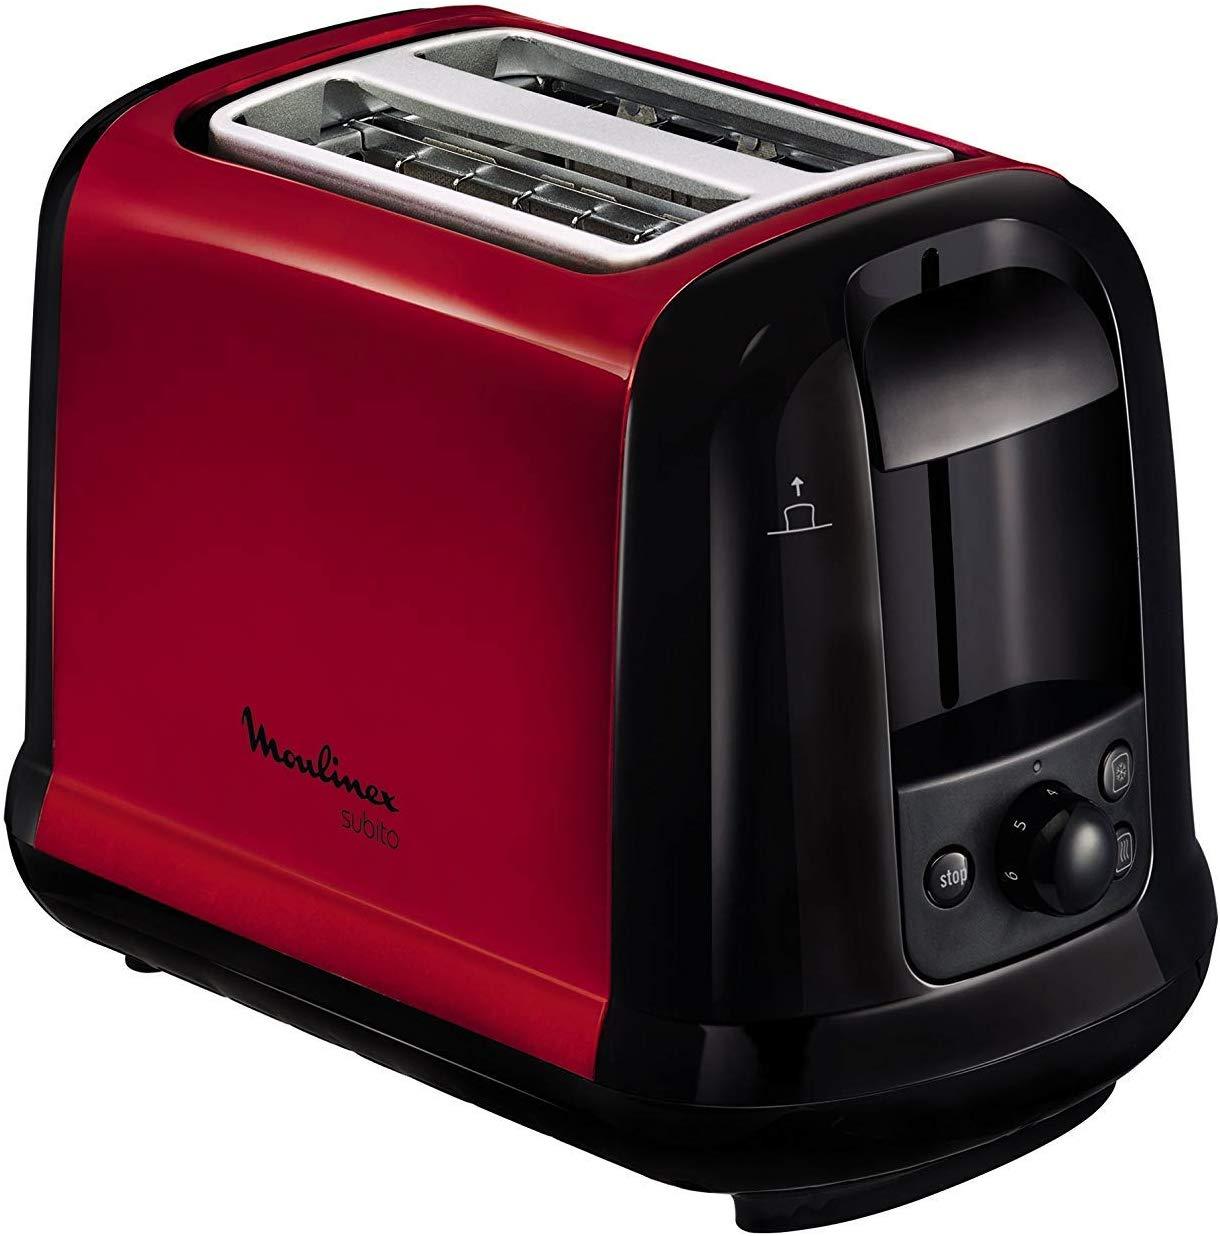 Moulinex LT260D11 Grille-Pain Toaster Subito 2 Fentes Décongélation Réchauffage Thermostat Réglable Rouge Inox 850W